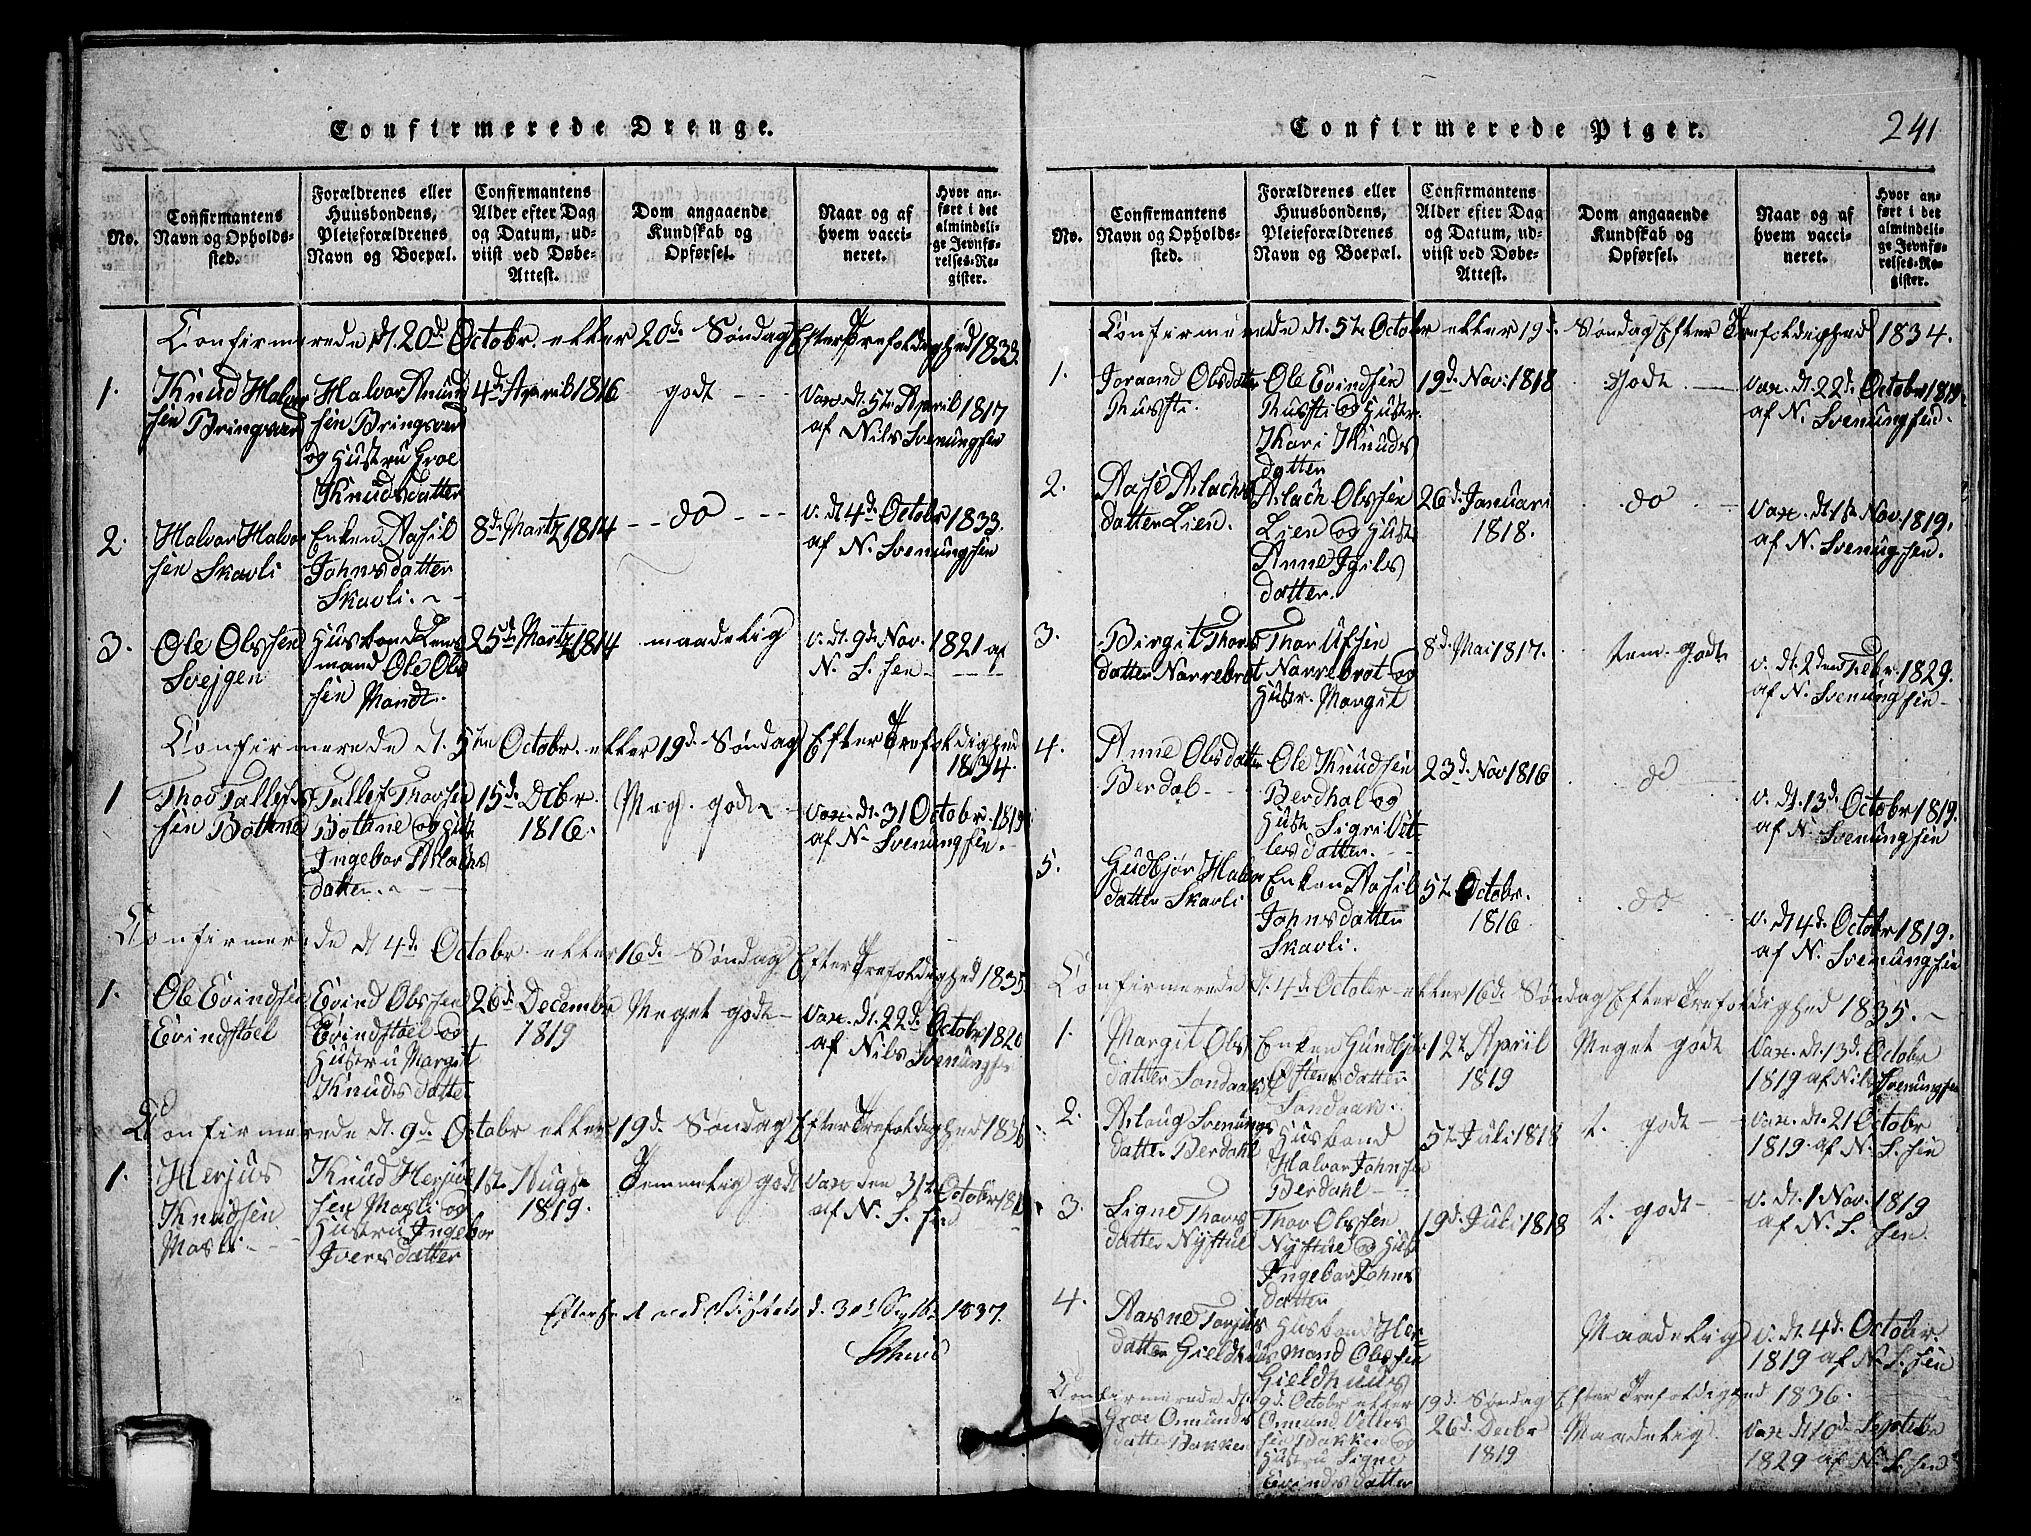 SAKO, Vinje kirkebøker, G/Gb/L0001: Klokkerbok nr. II 1, 1814-1843, s. 241